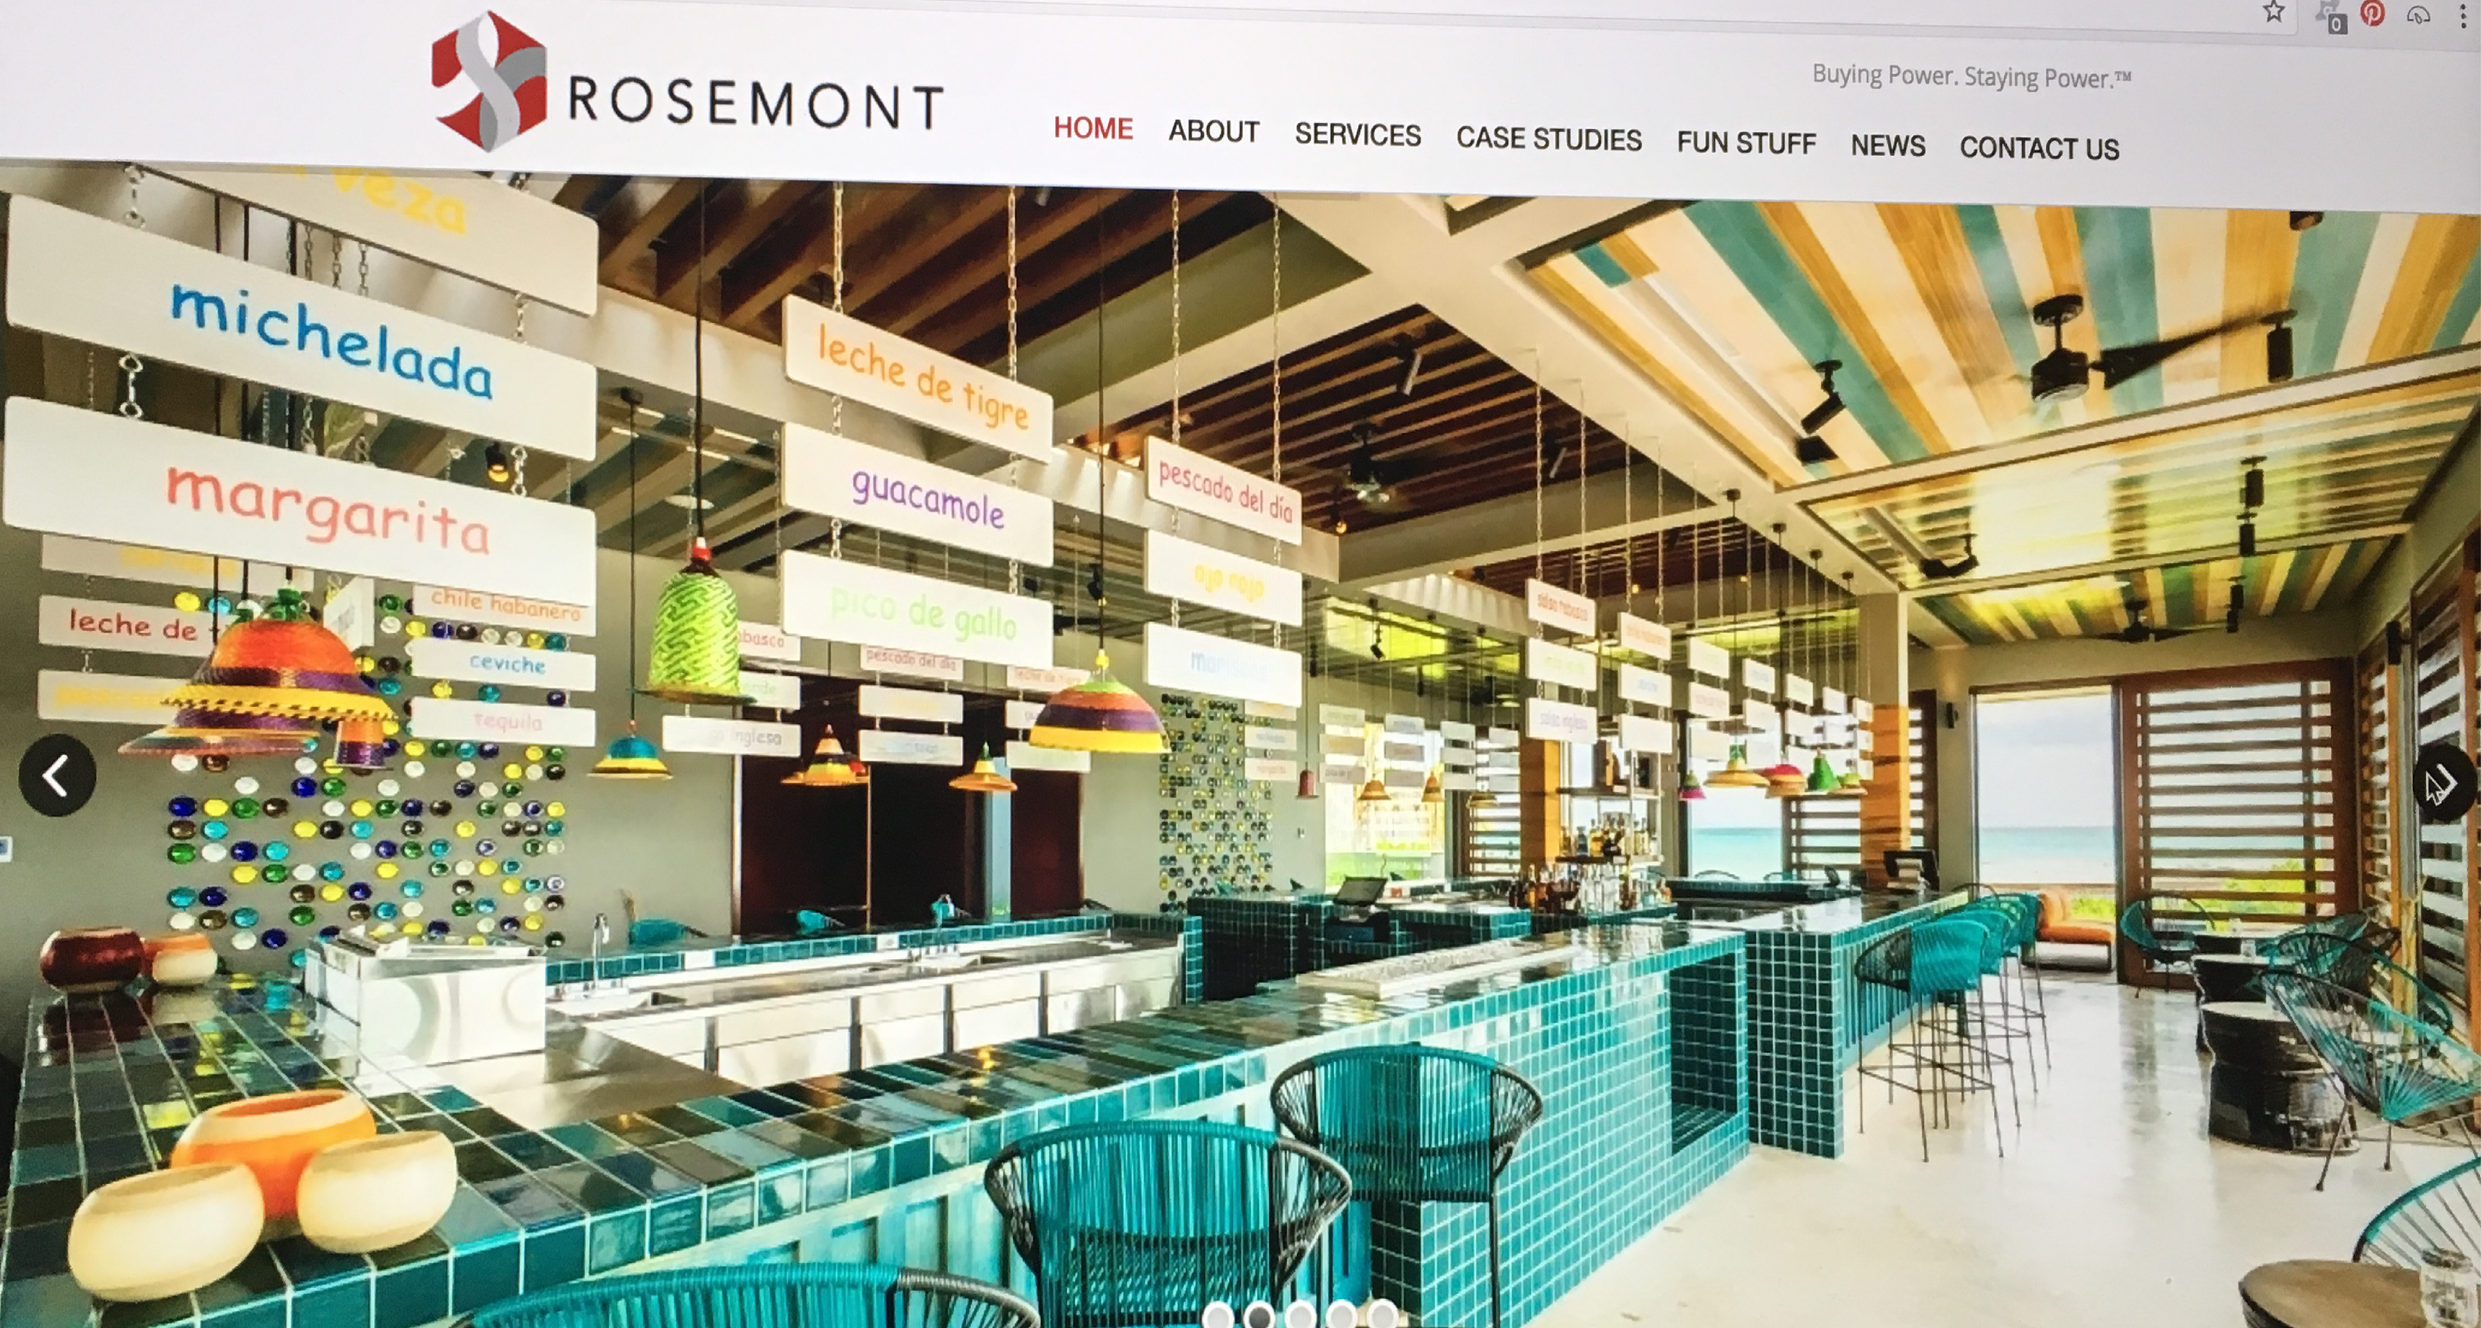 hyatt hotels  www.rosemontprojects.com